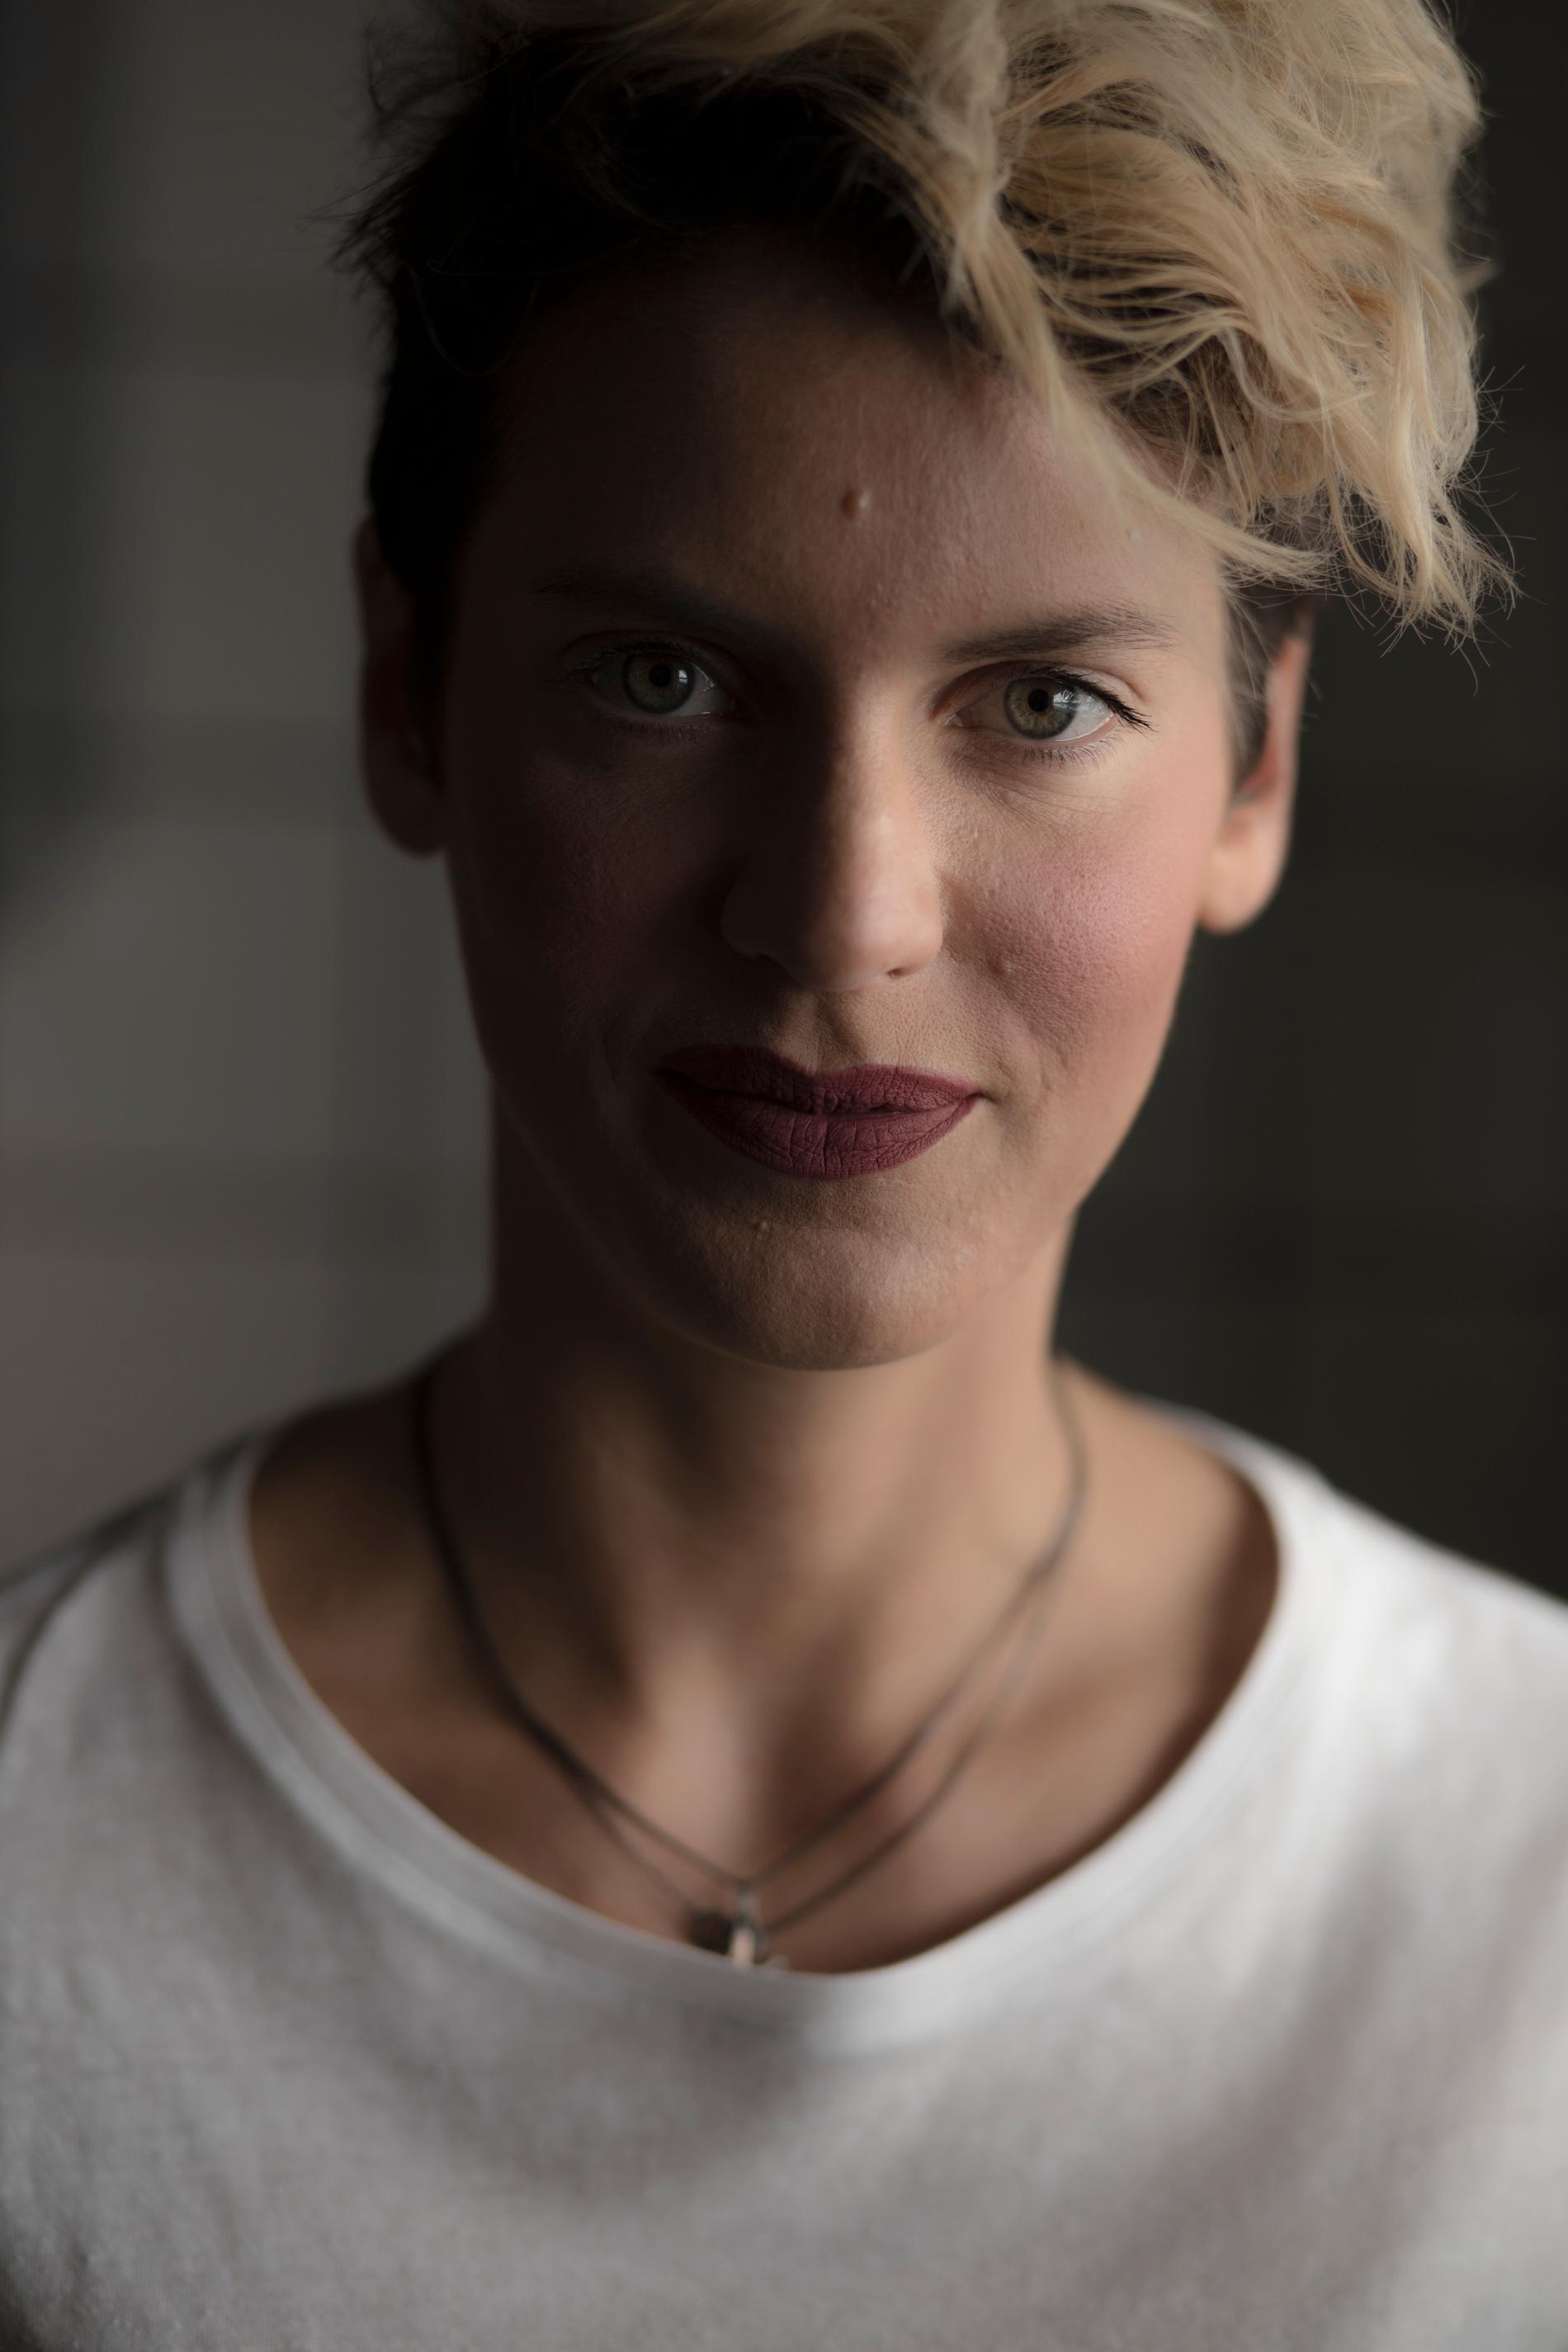 – Det gäller att jobba förebyggande, vi kan ju knappast stänga internet, säger Nina Rung.